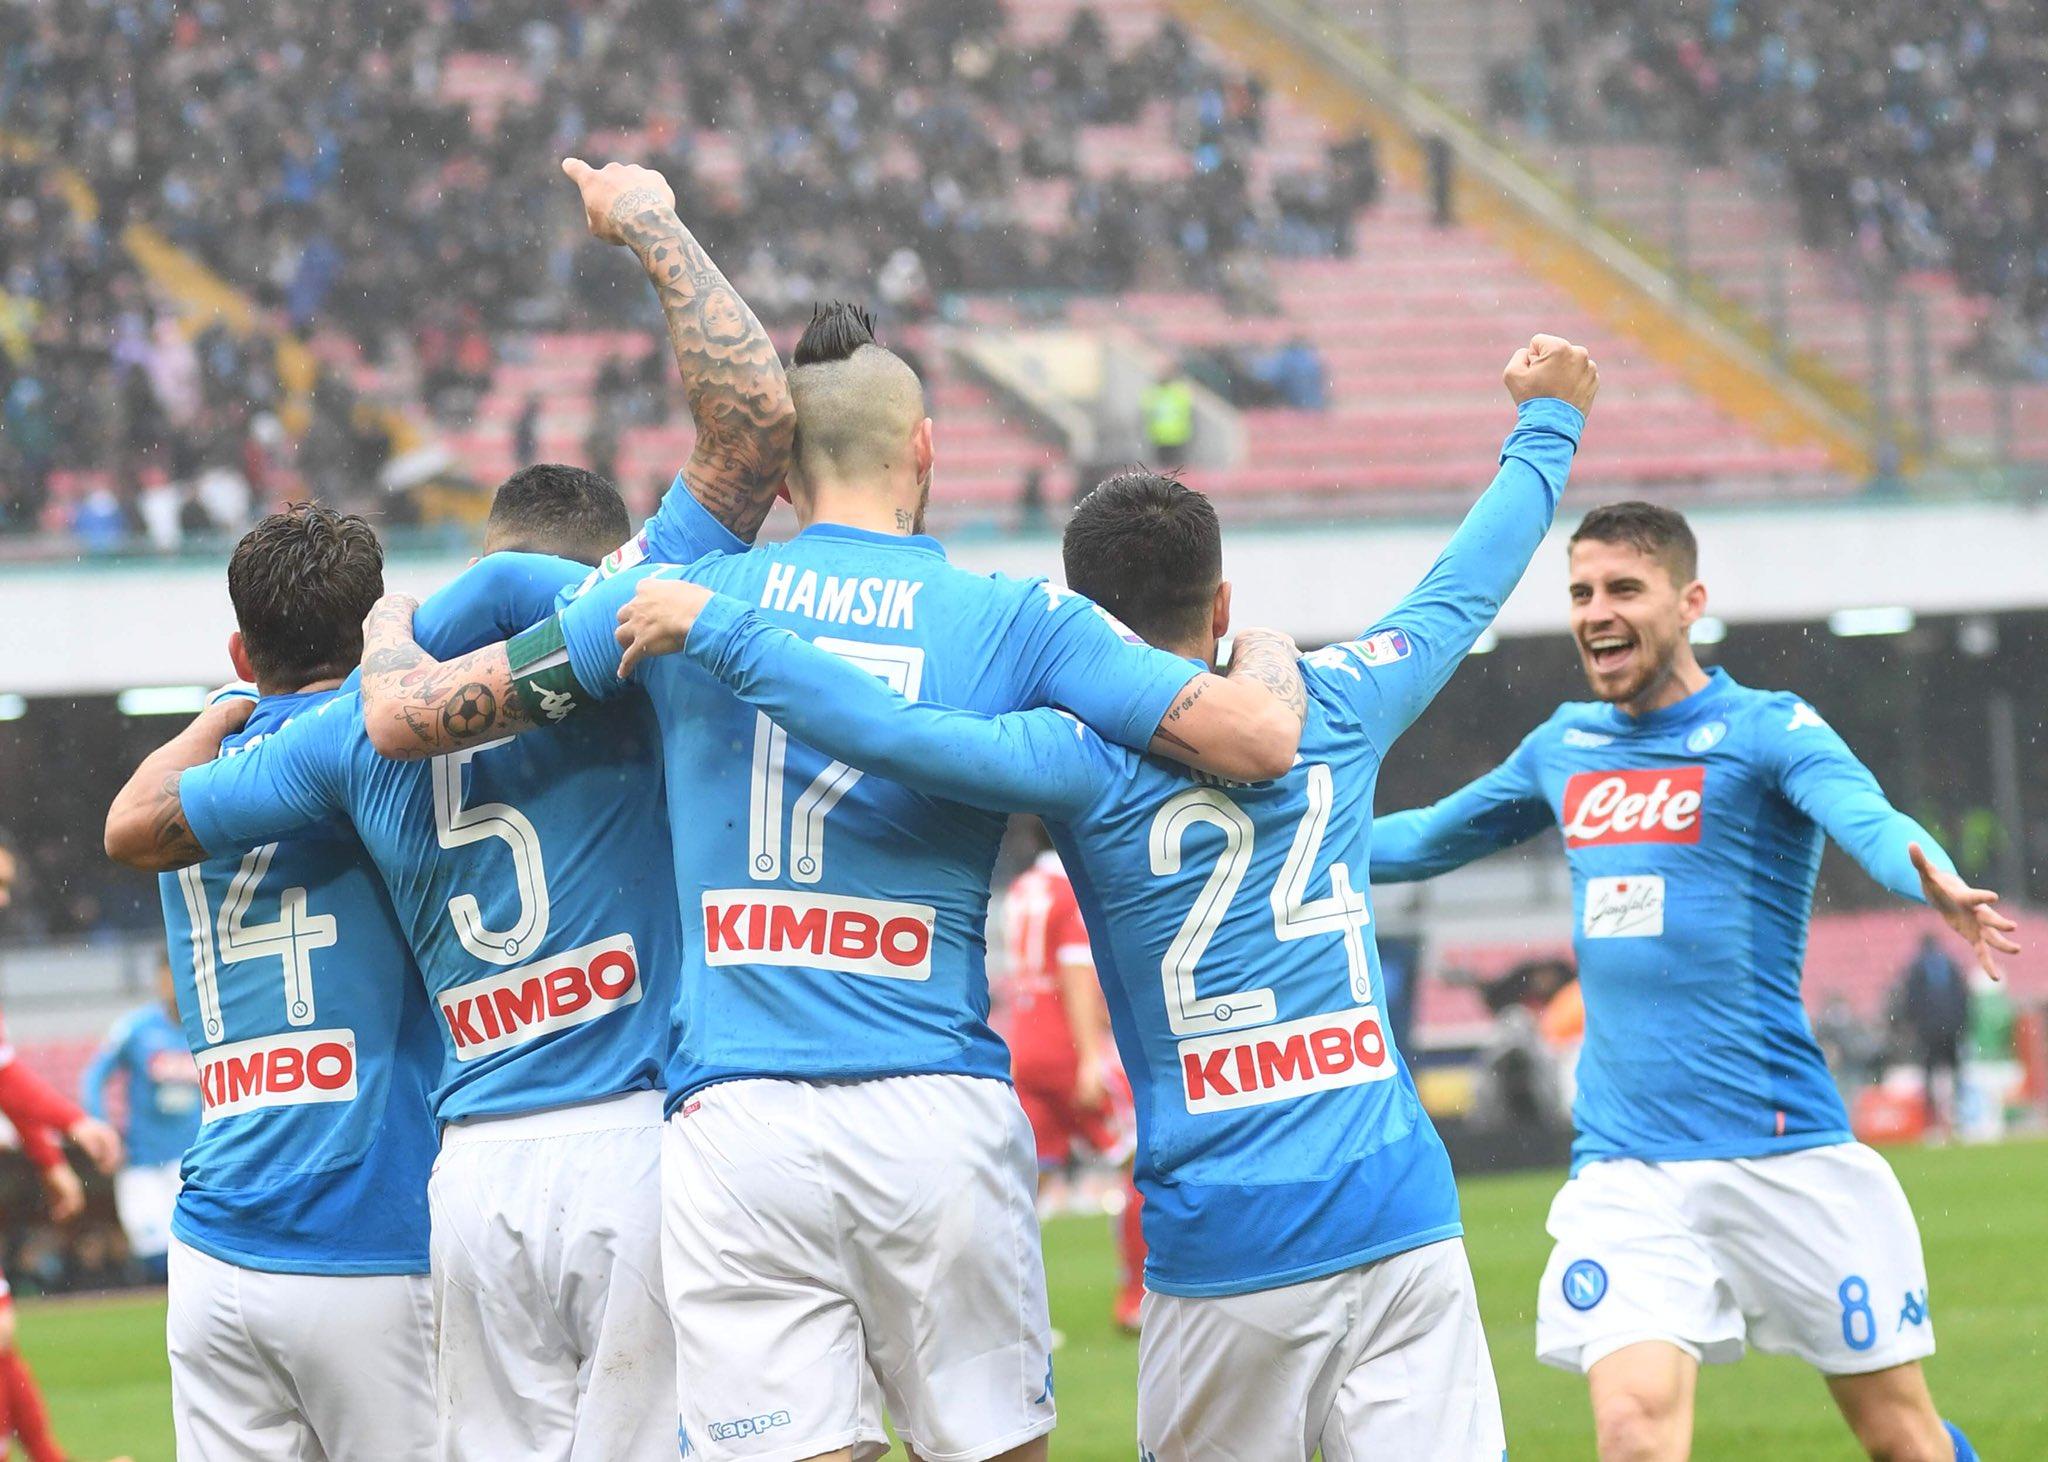 Napoli-Spal è la nona vittoria di fila, è il record di sempre in un solo campionato